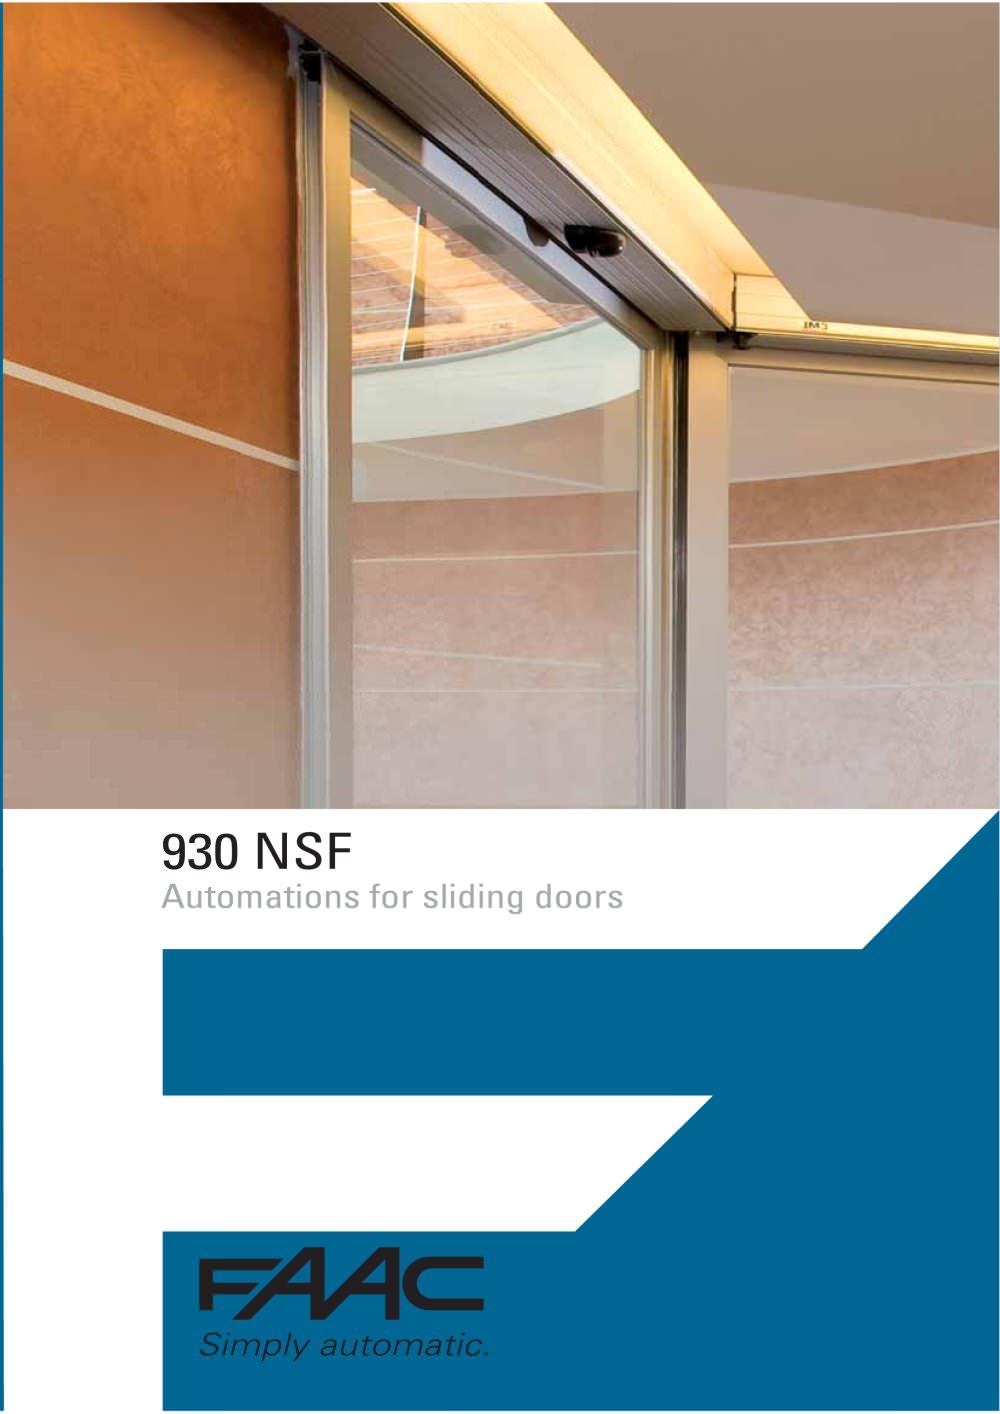 Sliding door s800 - 930 Automatic Sliding Door 1 6 Pages